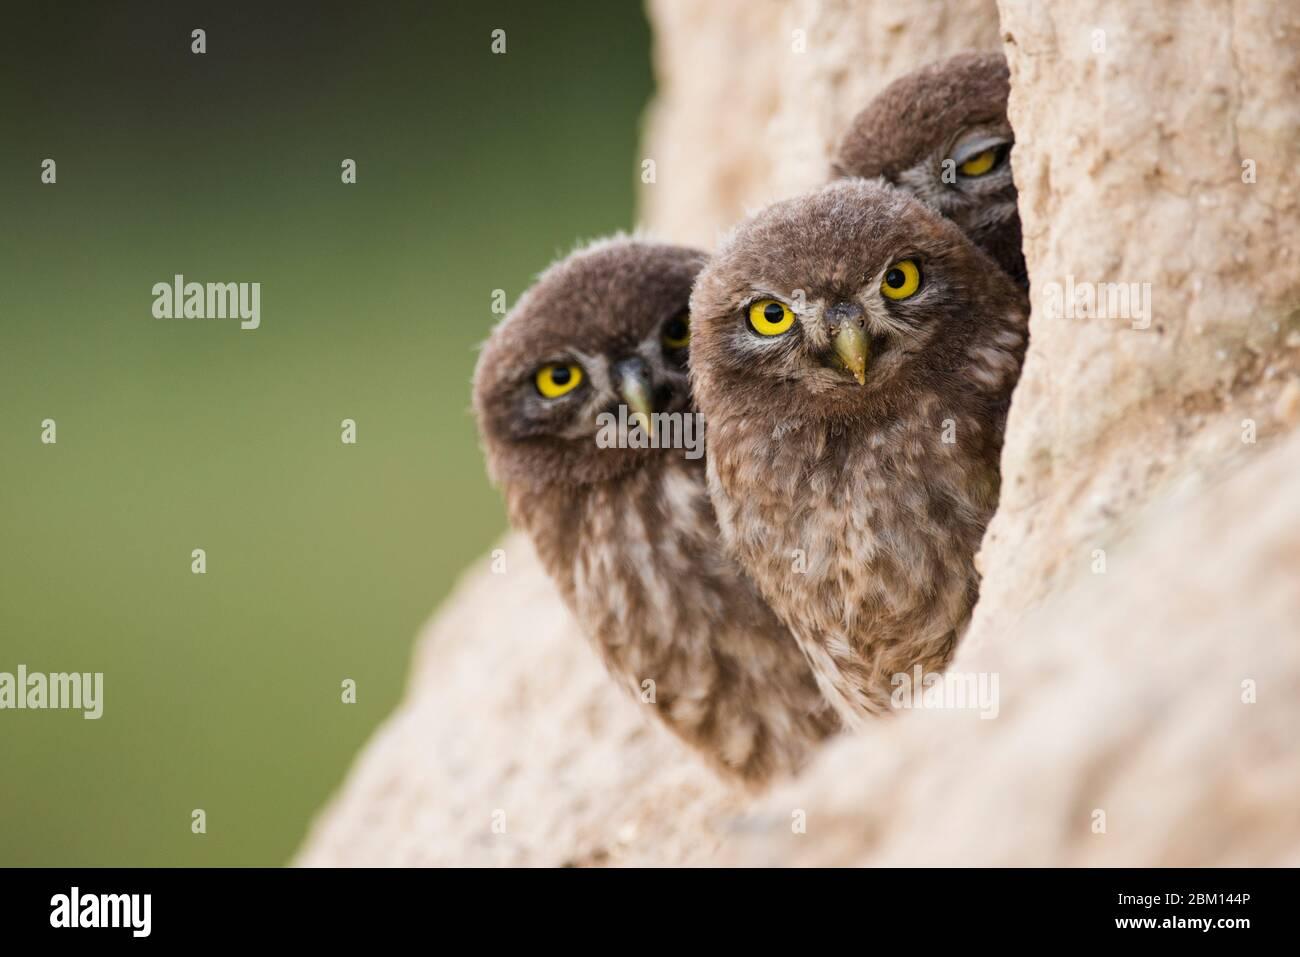 Trois jeunes chouettes qui se détournent de son trou et regardent la caméra. Banque D'Images